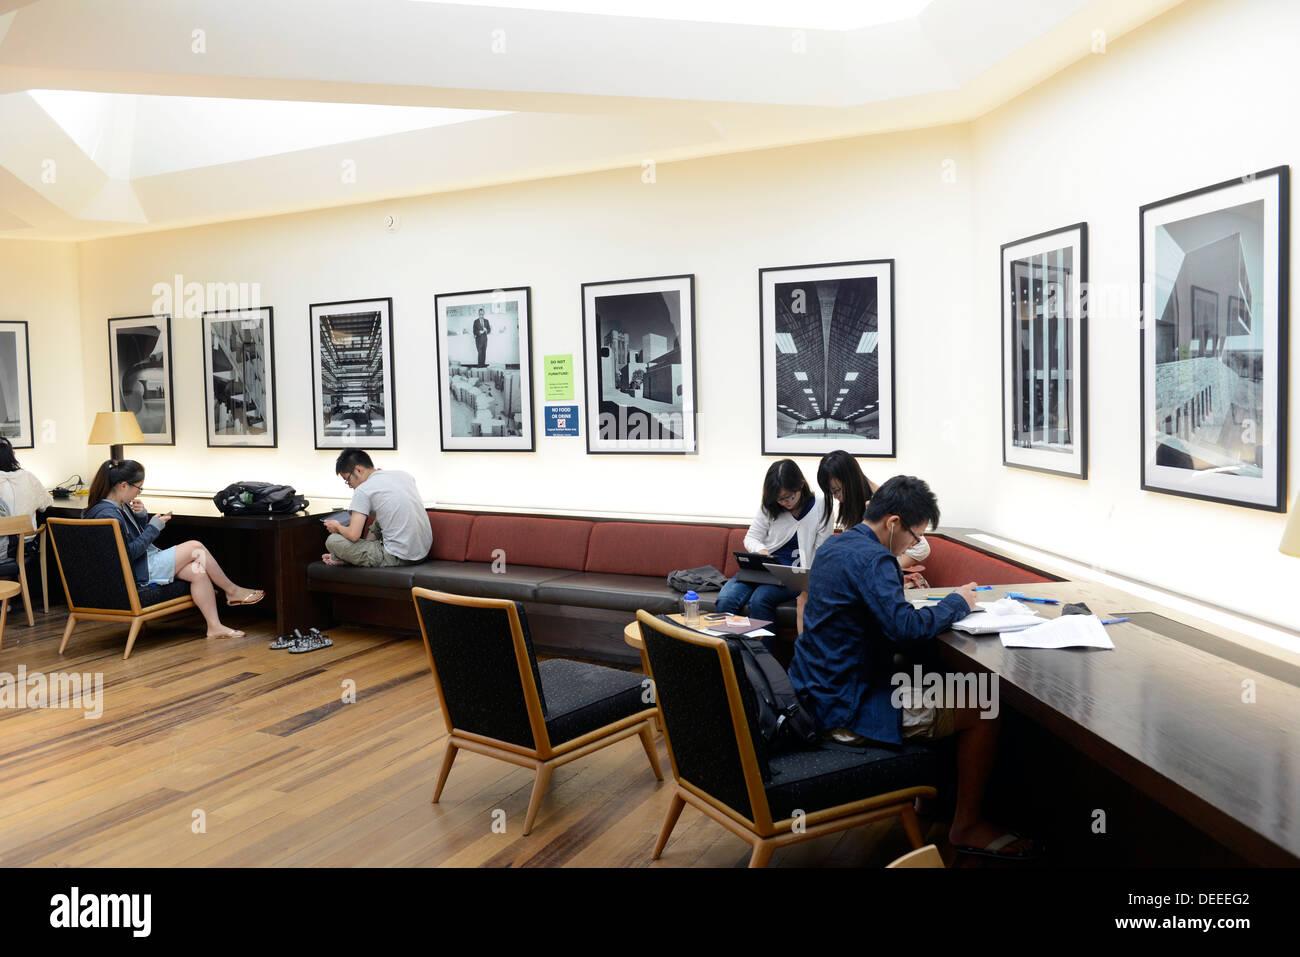 Chinesische Studenten studieren an Yale Summer School studieren in Eero Saarinen entworfen Morse Residential College, Stockbild